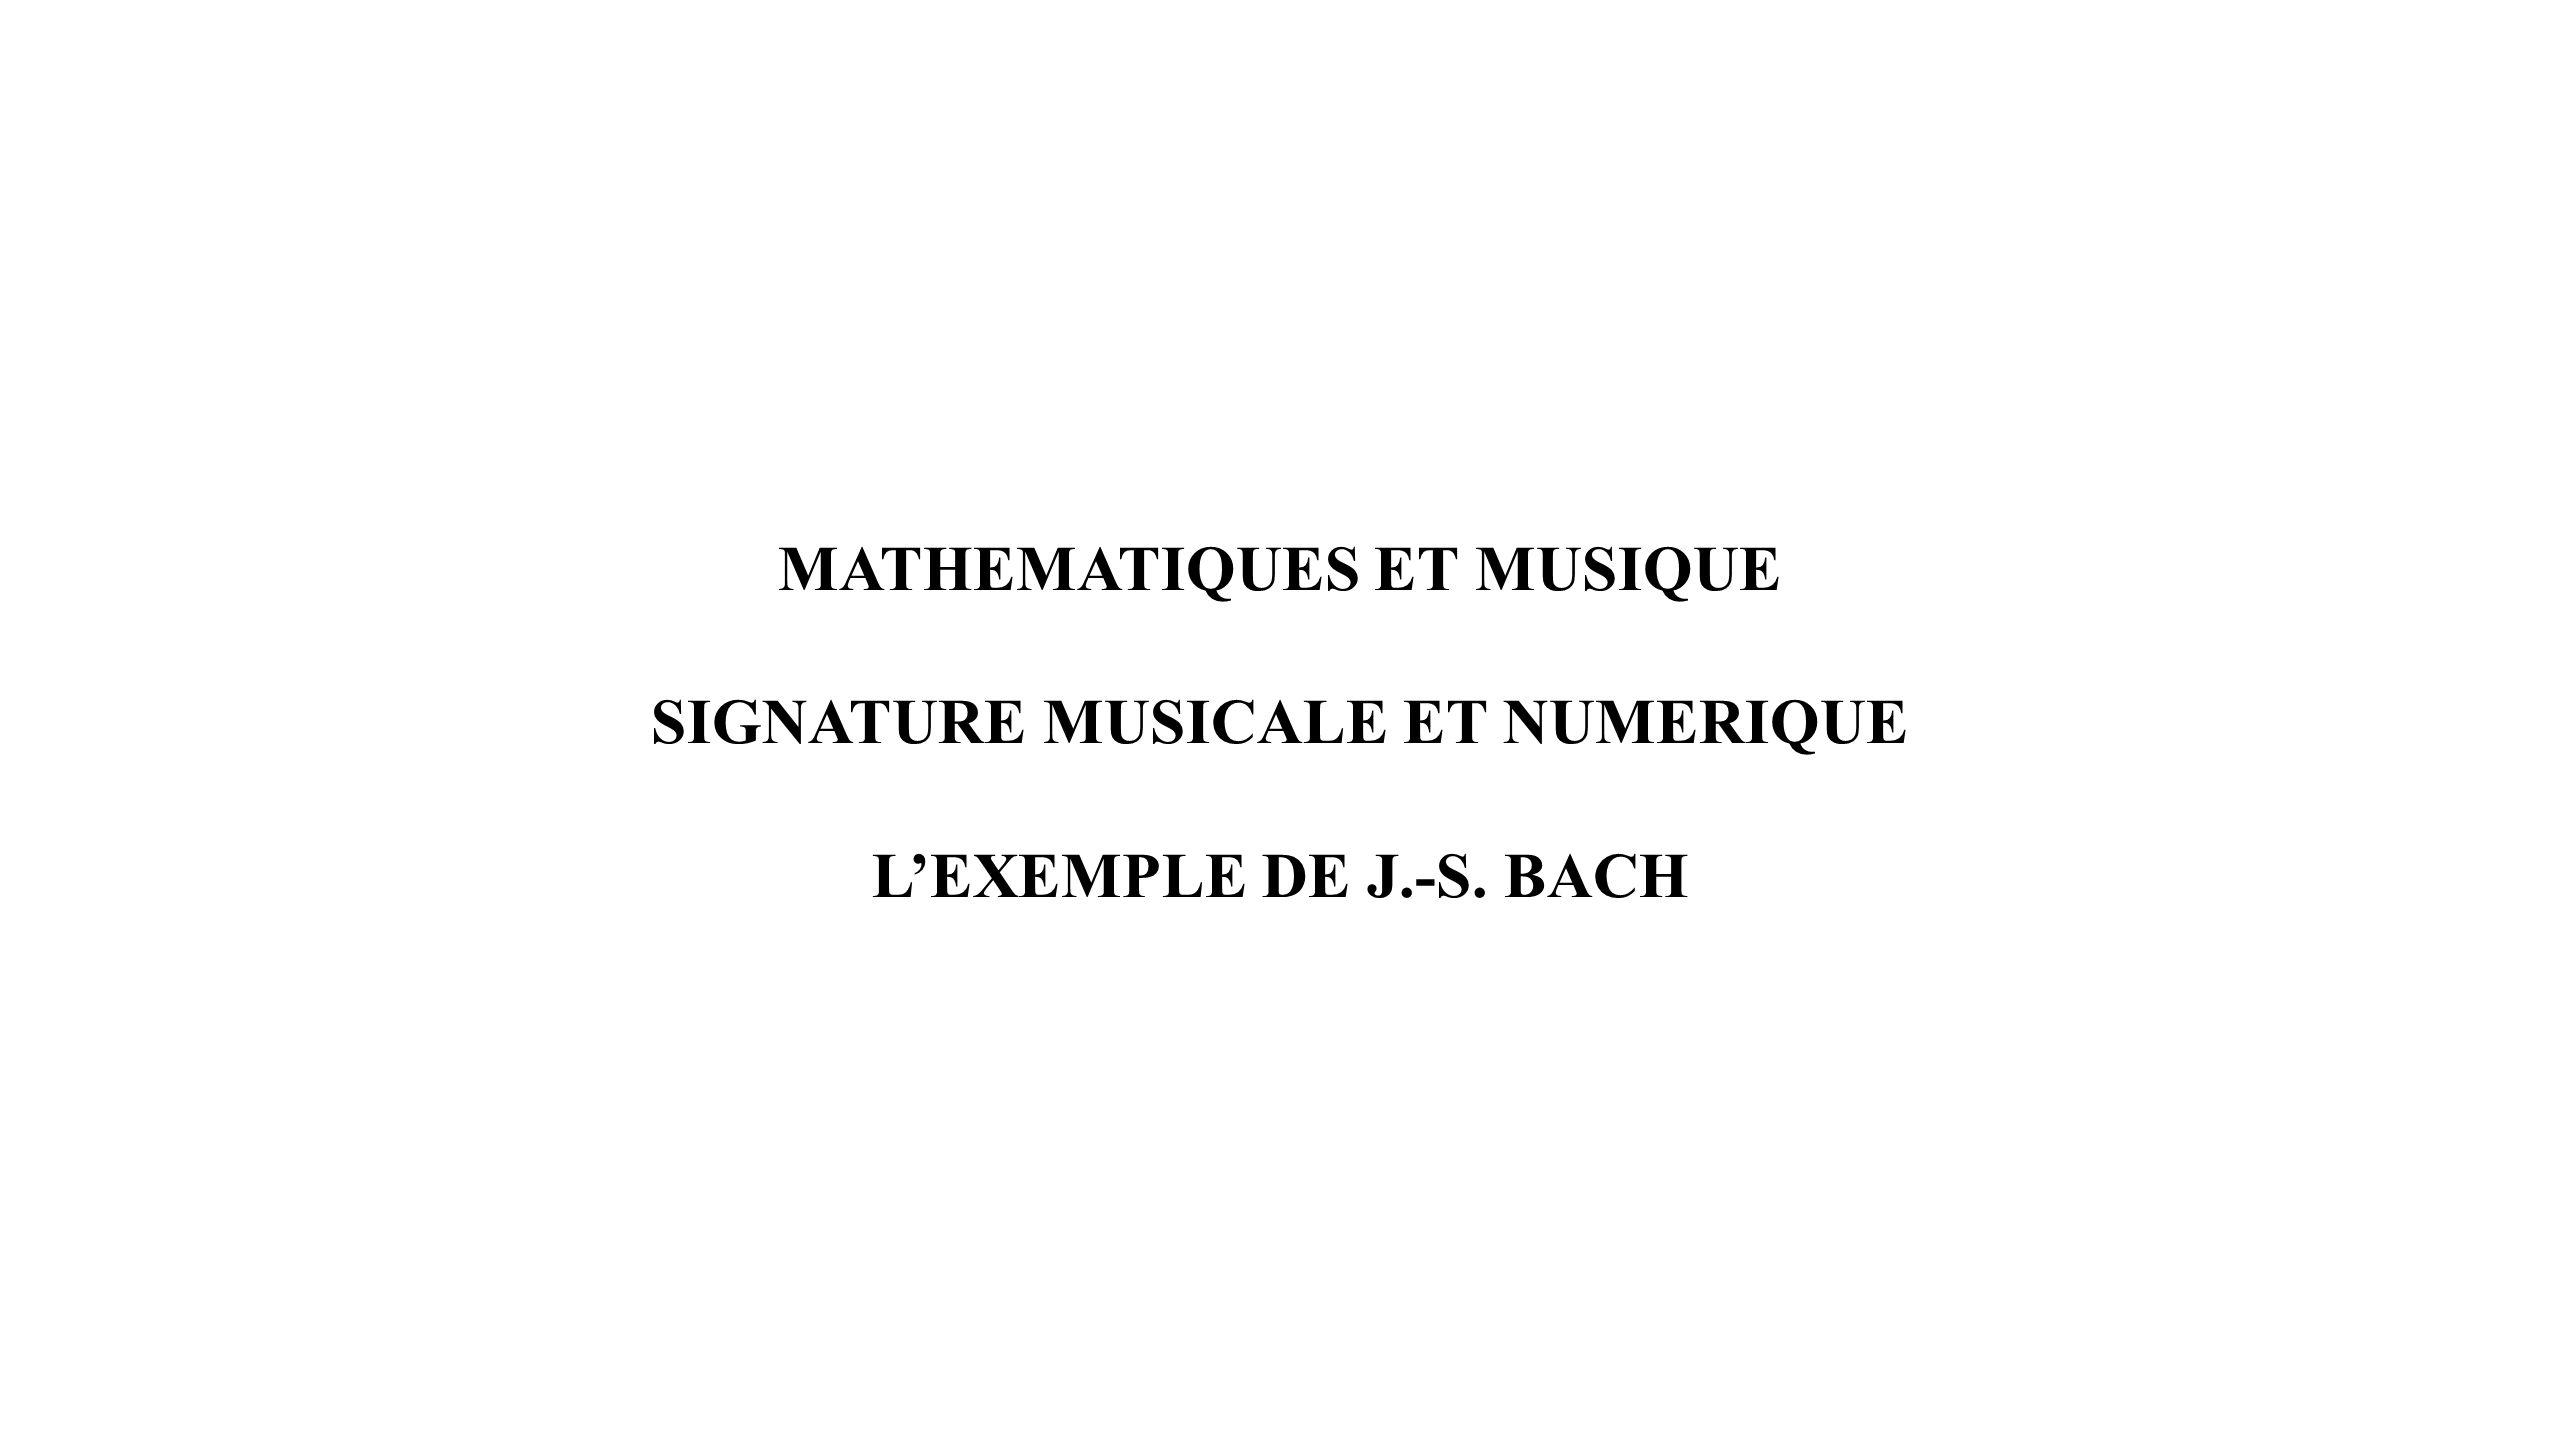 BACH, Magnificat BWV 243 Cette œuvre est composée de onze mouvements.